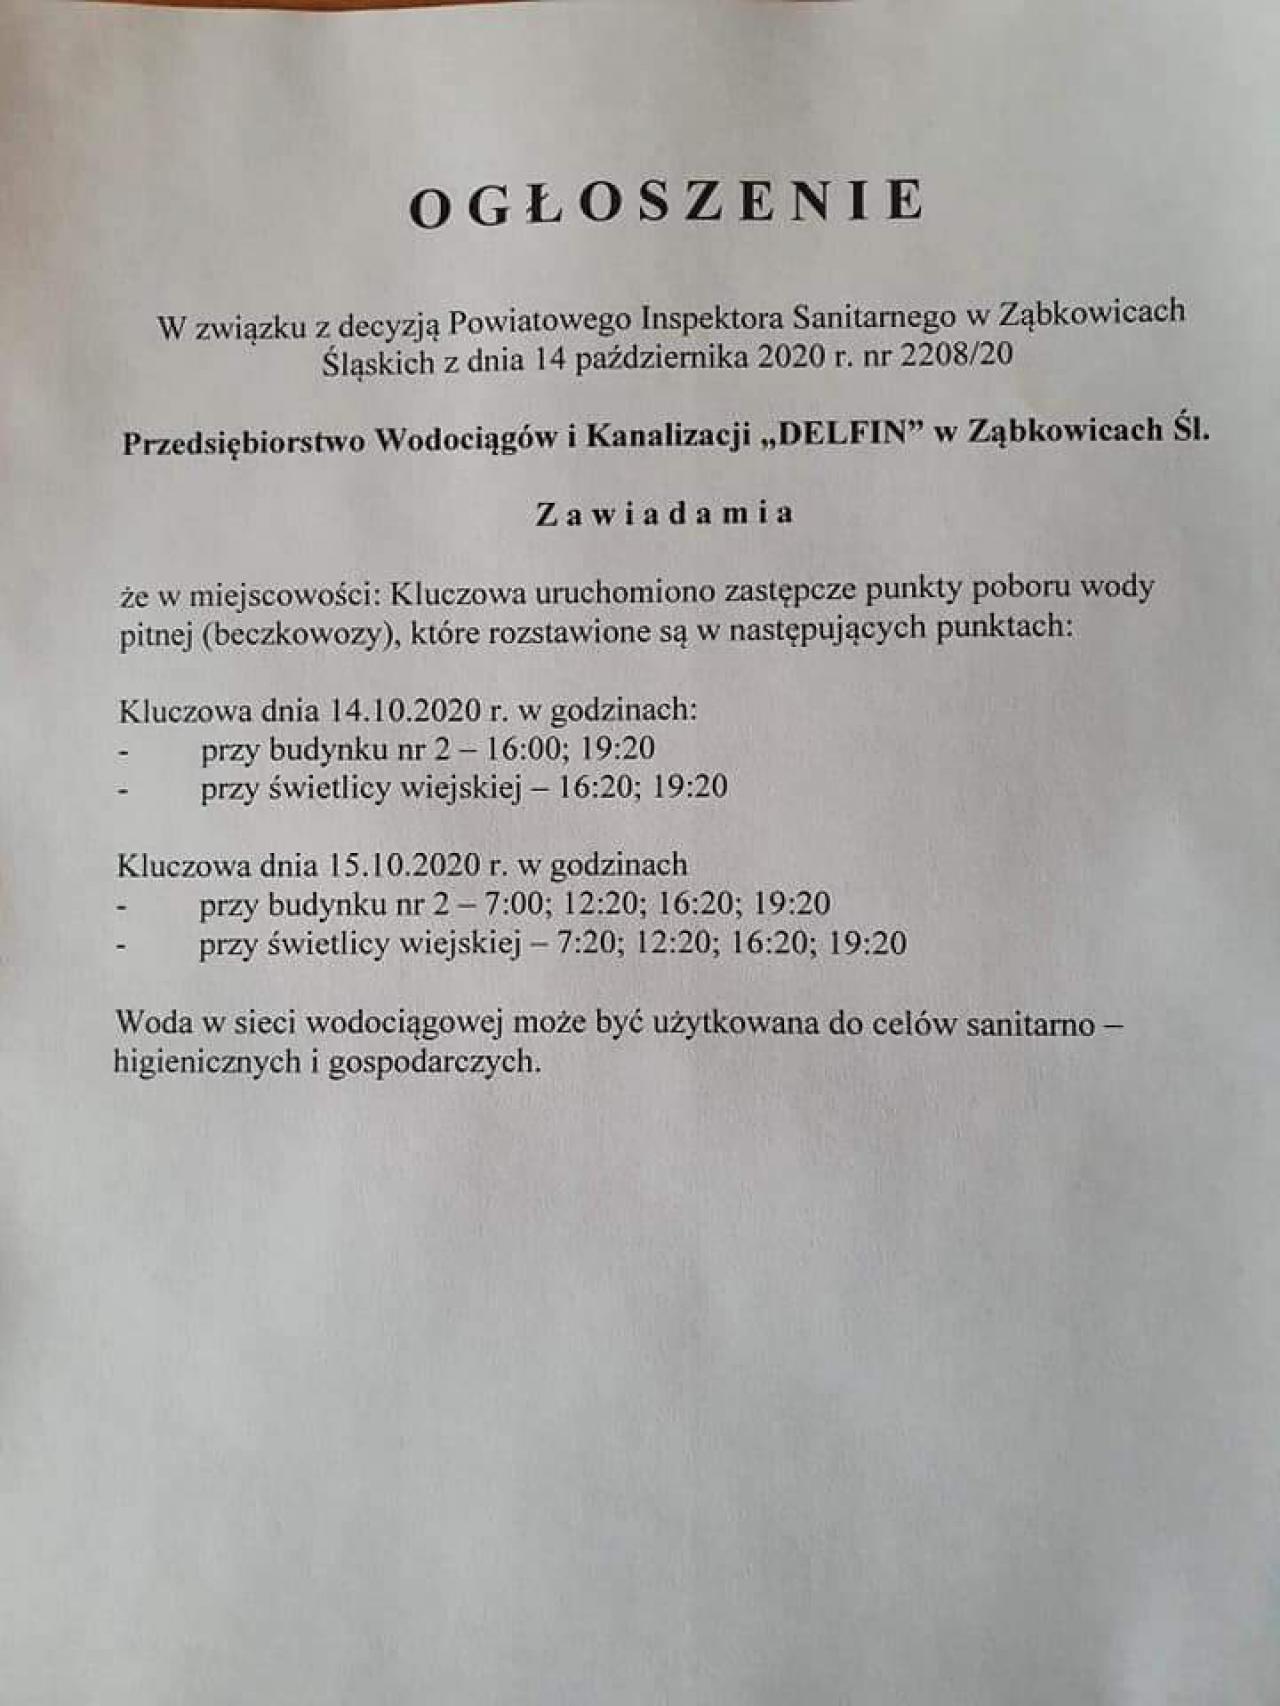 Zakaz spożywania wody w Tarnowie i Kluczowej